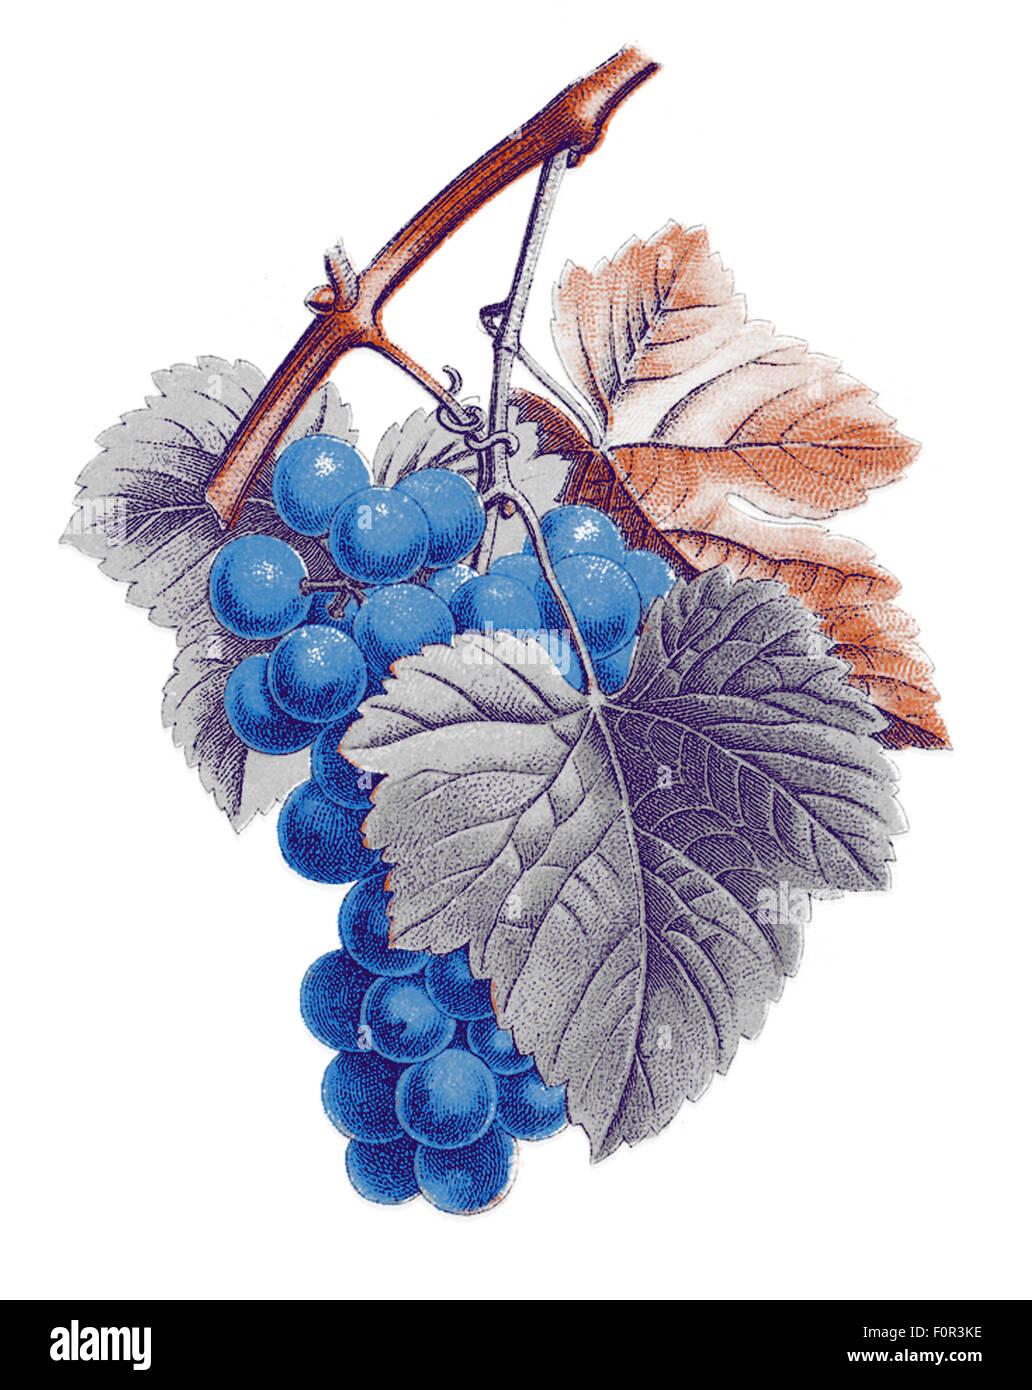 Illustrazione digitale basato su una antica botanica campione (Vitis vinifera) e trattate come litografia a quattro Immagini Stock